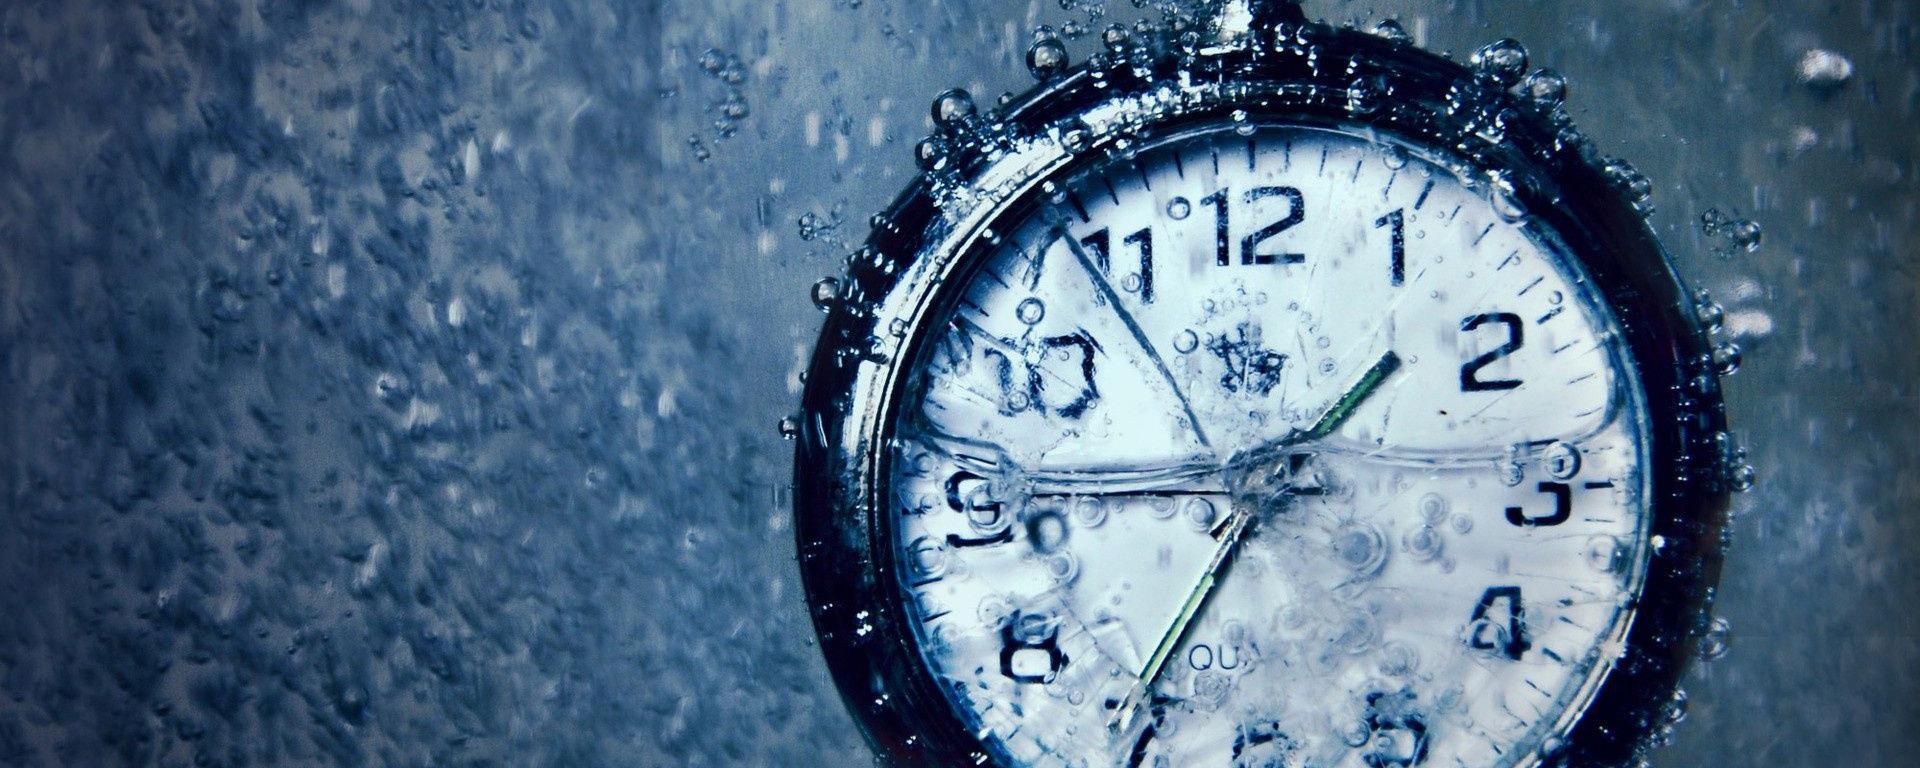 Aneta_Blog-Time